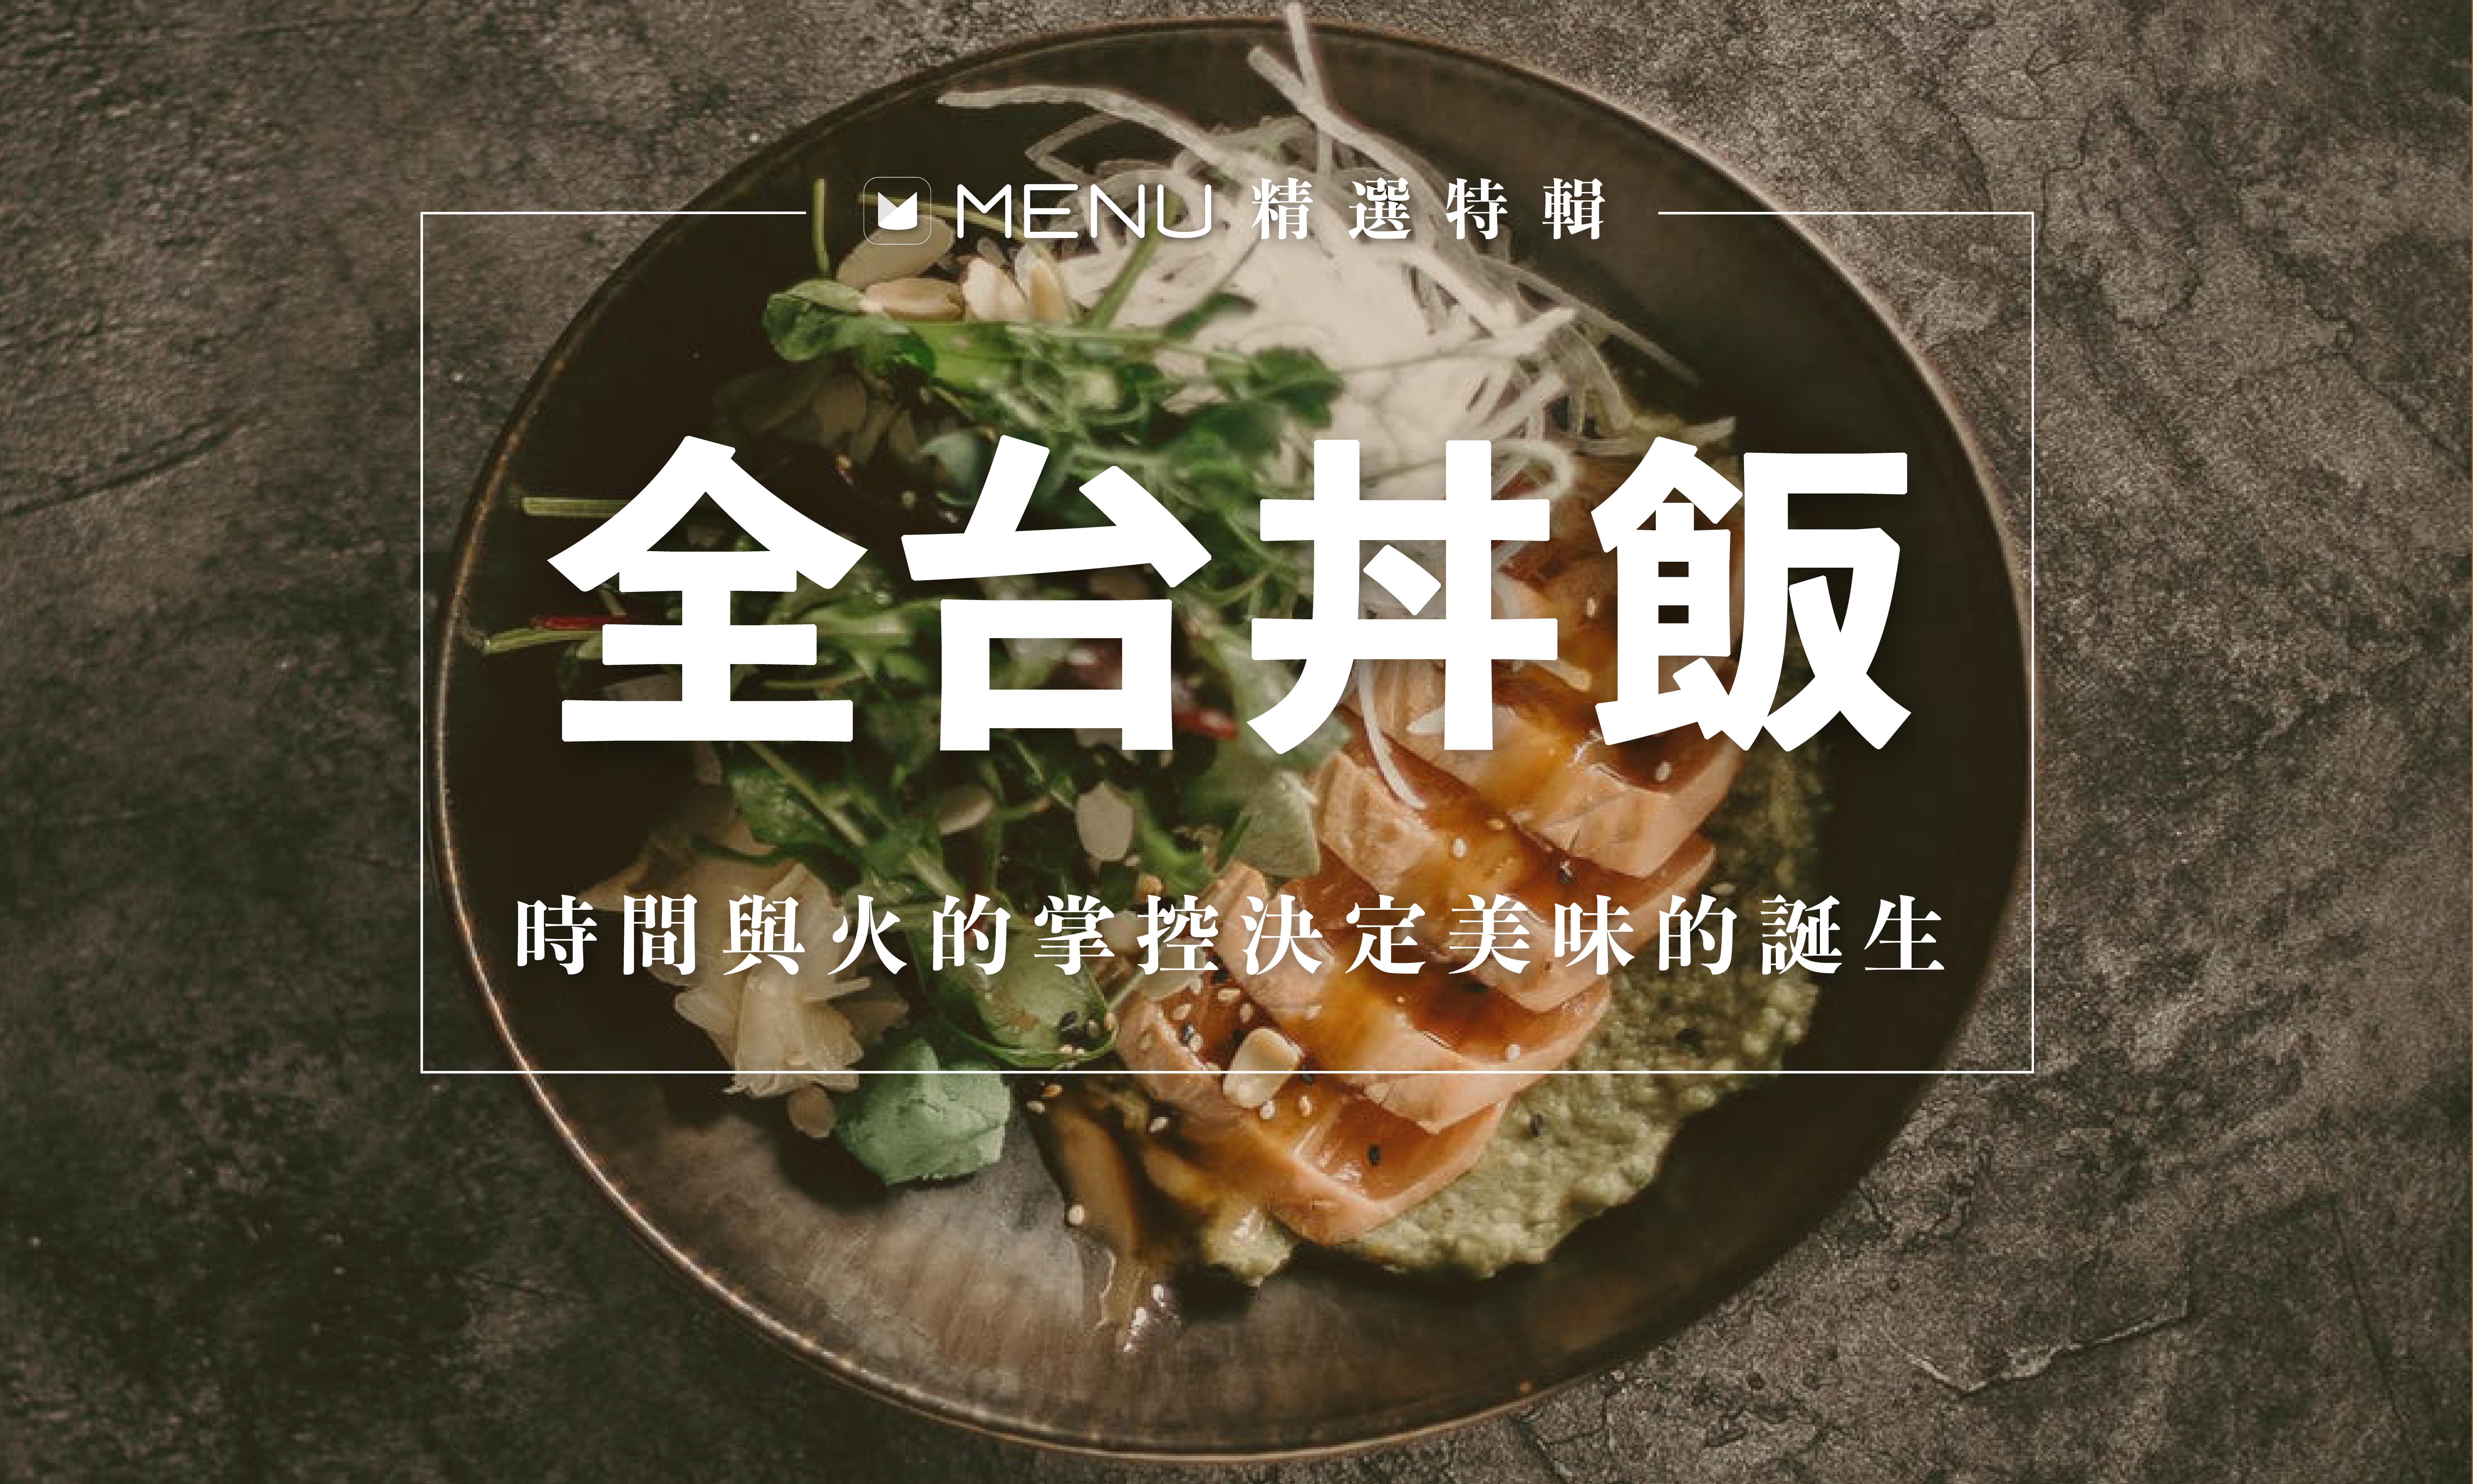 新鮮美味的生食丼與料多澎湃的熟食丼讓人難以抉擇!